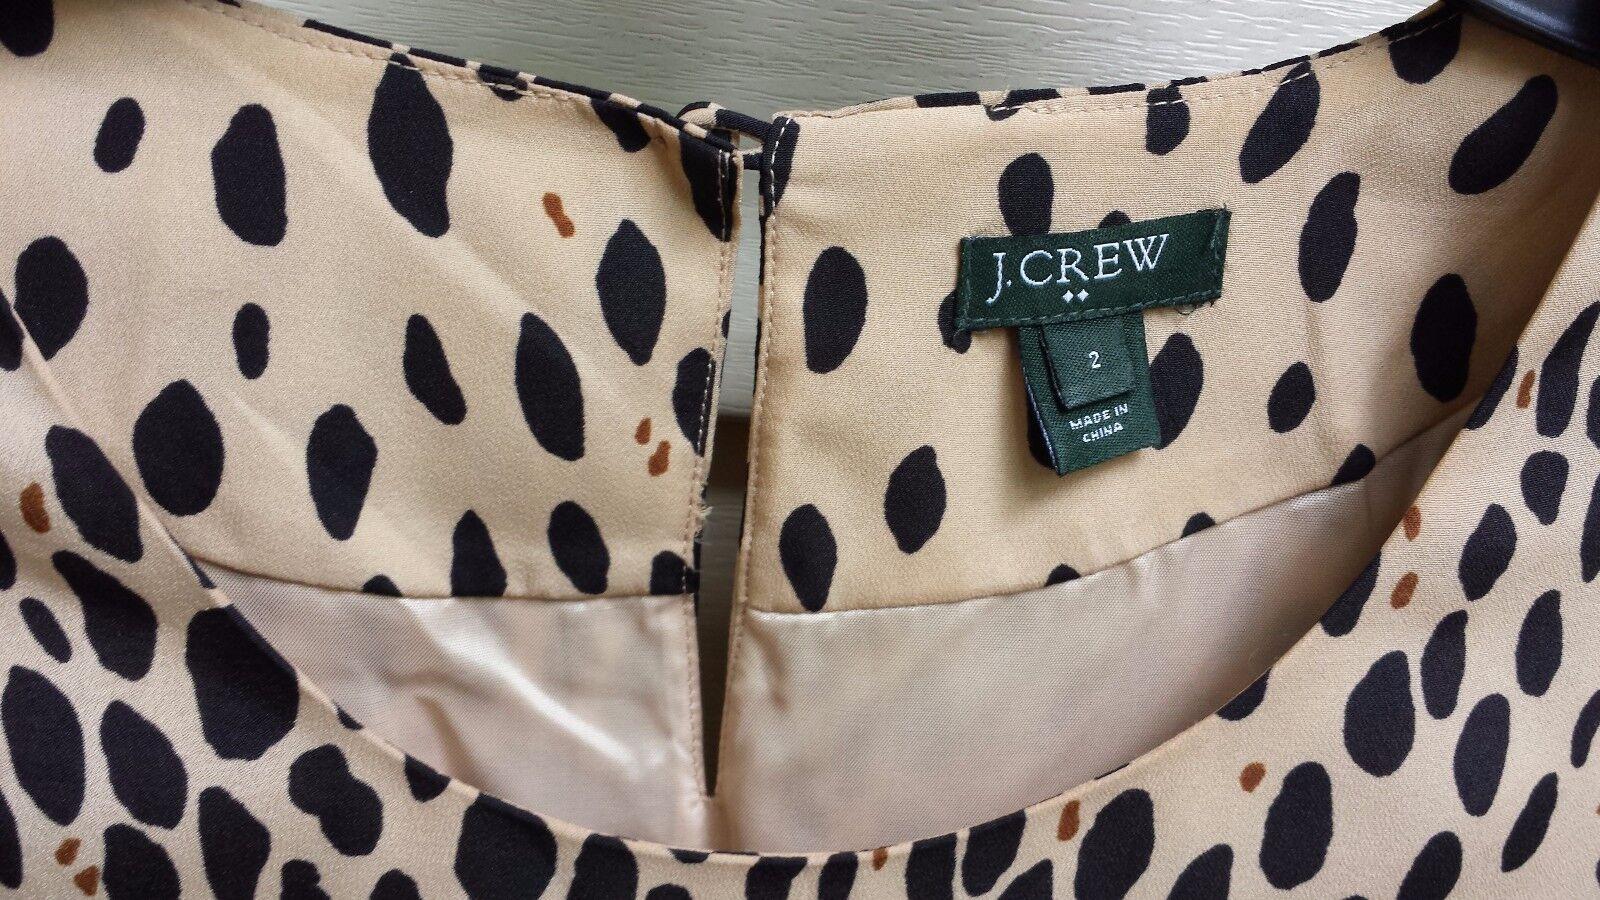 J.CREW J.CREW J.CREW Jules Dress in Wildcat Leopard Animal Print Tan Shift Style Size 2 fb53f9